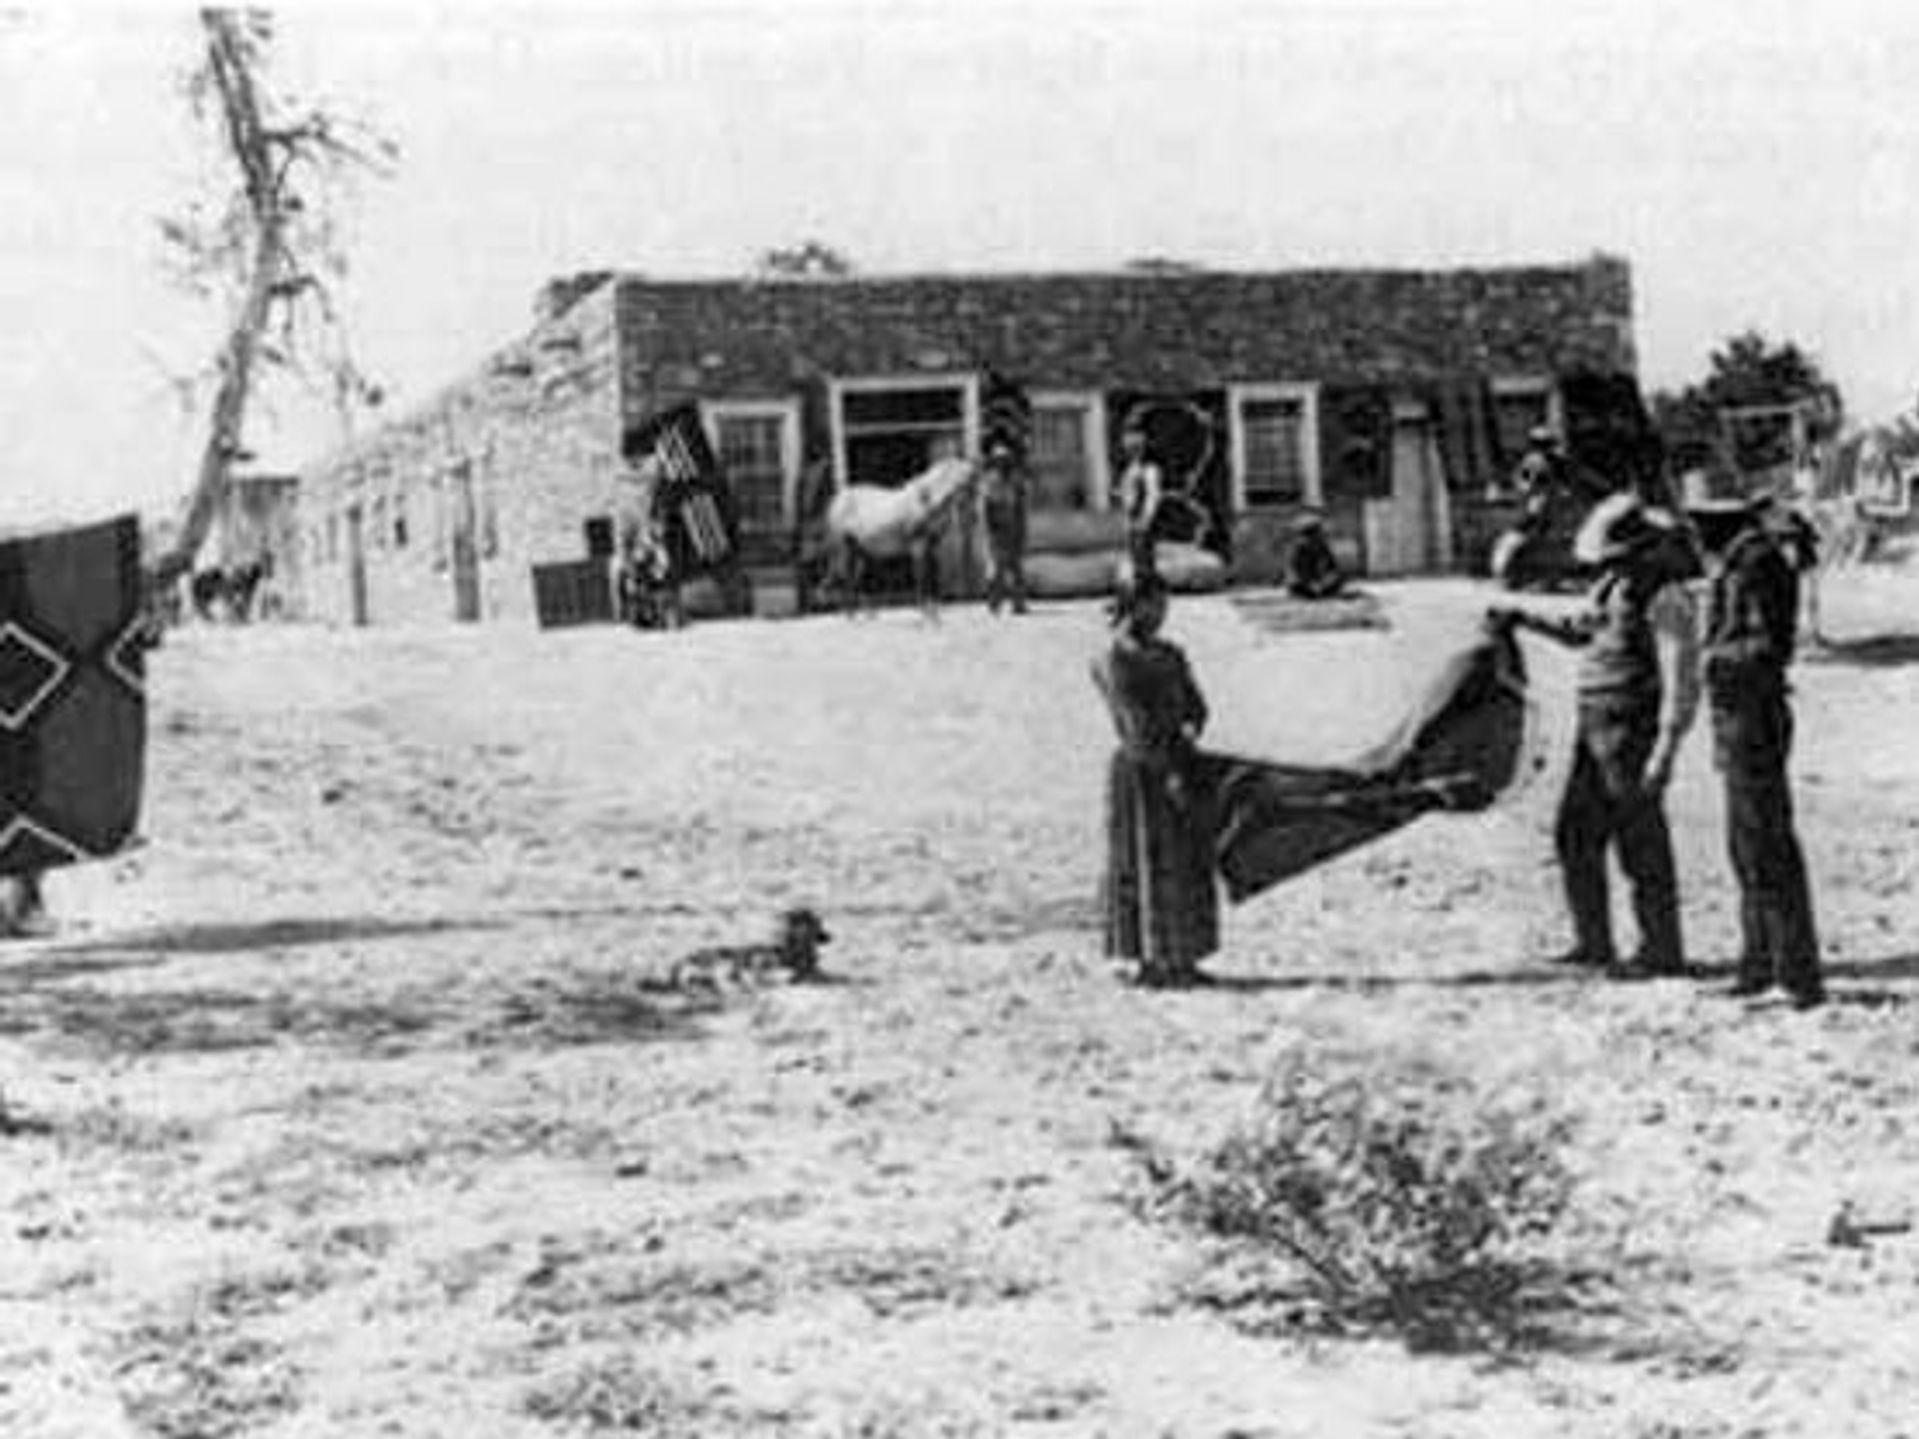 John Lorenzo Hubbell, sostiene un extremo de una alfombra, en el puesto comercial de Hubbell en la década de 1890.